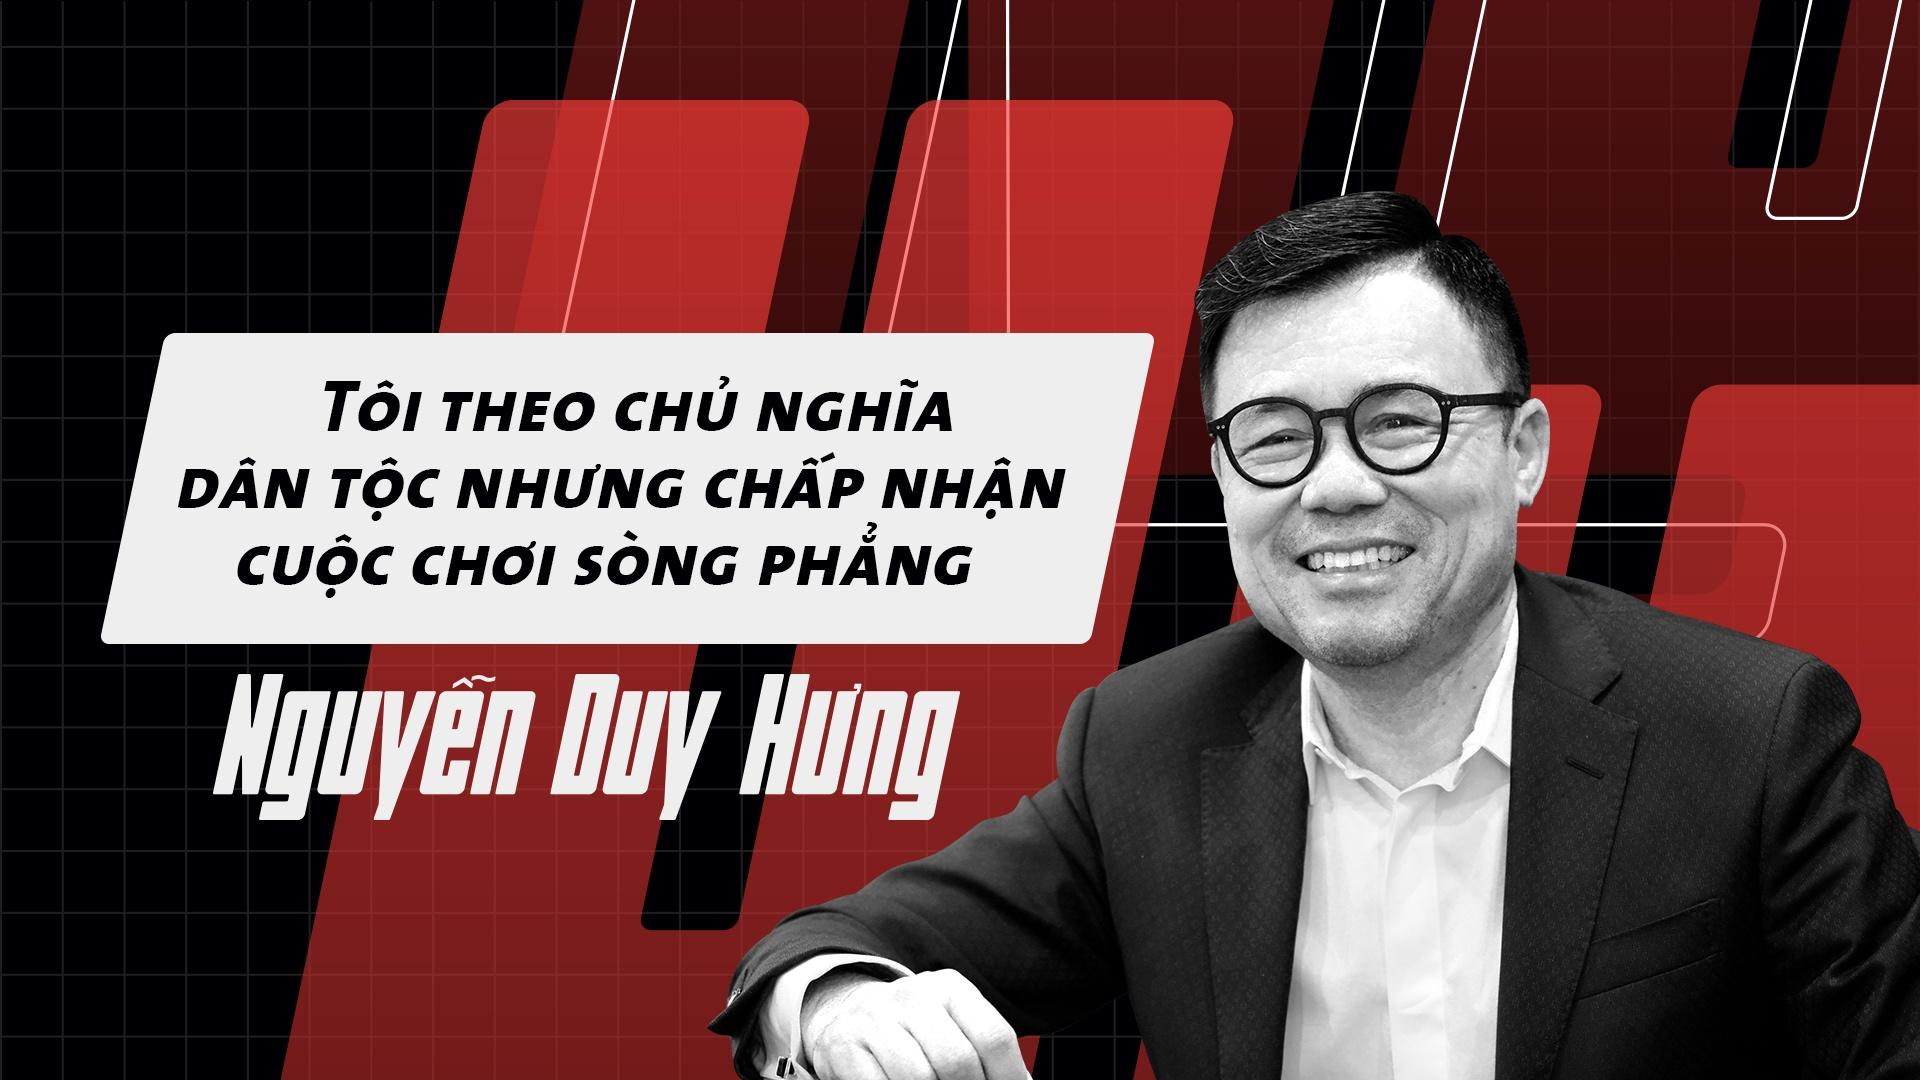 'Toi theo chu nghia dan toc nhung chap nhan cuoc choi song phang' hinh anh 2